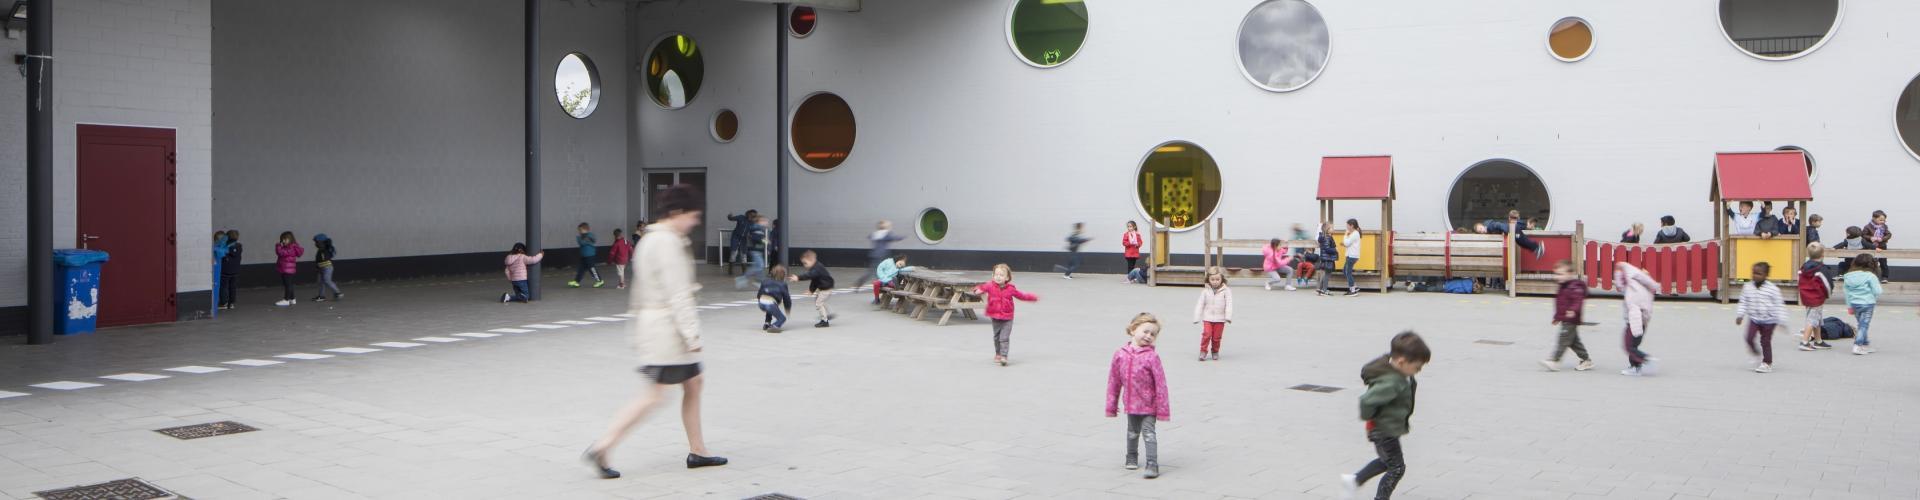 Gemeentelijke Basisschool 't Mierken Grimbergen